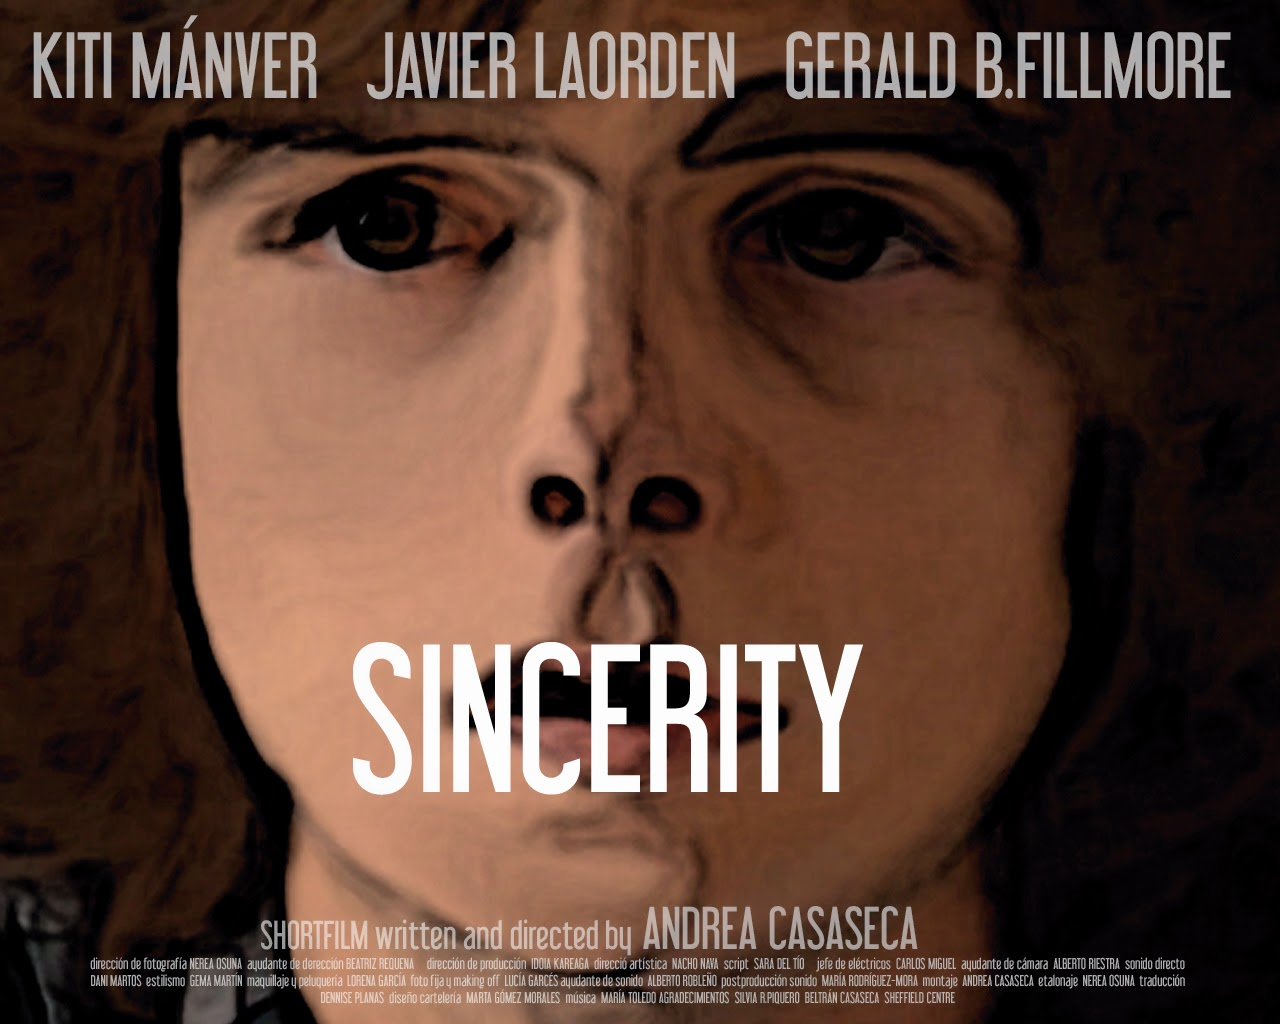 Sinceridad, cortometraje Andrea Casaseca, Sincerity, shortfilm